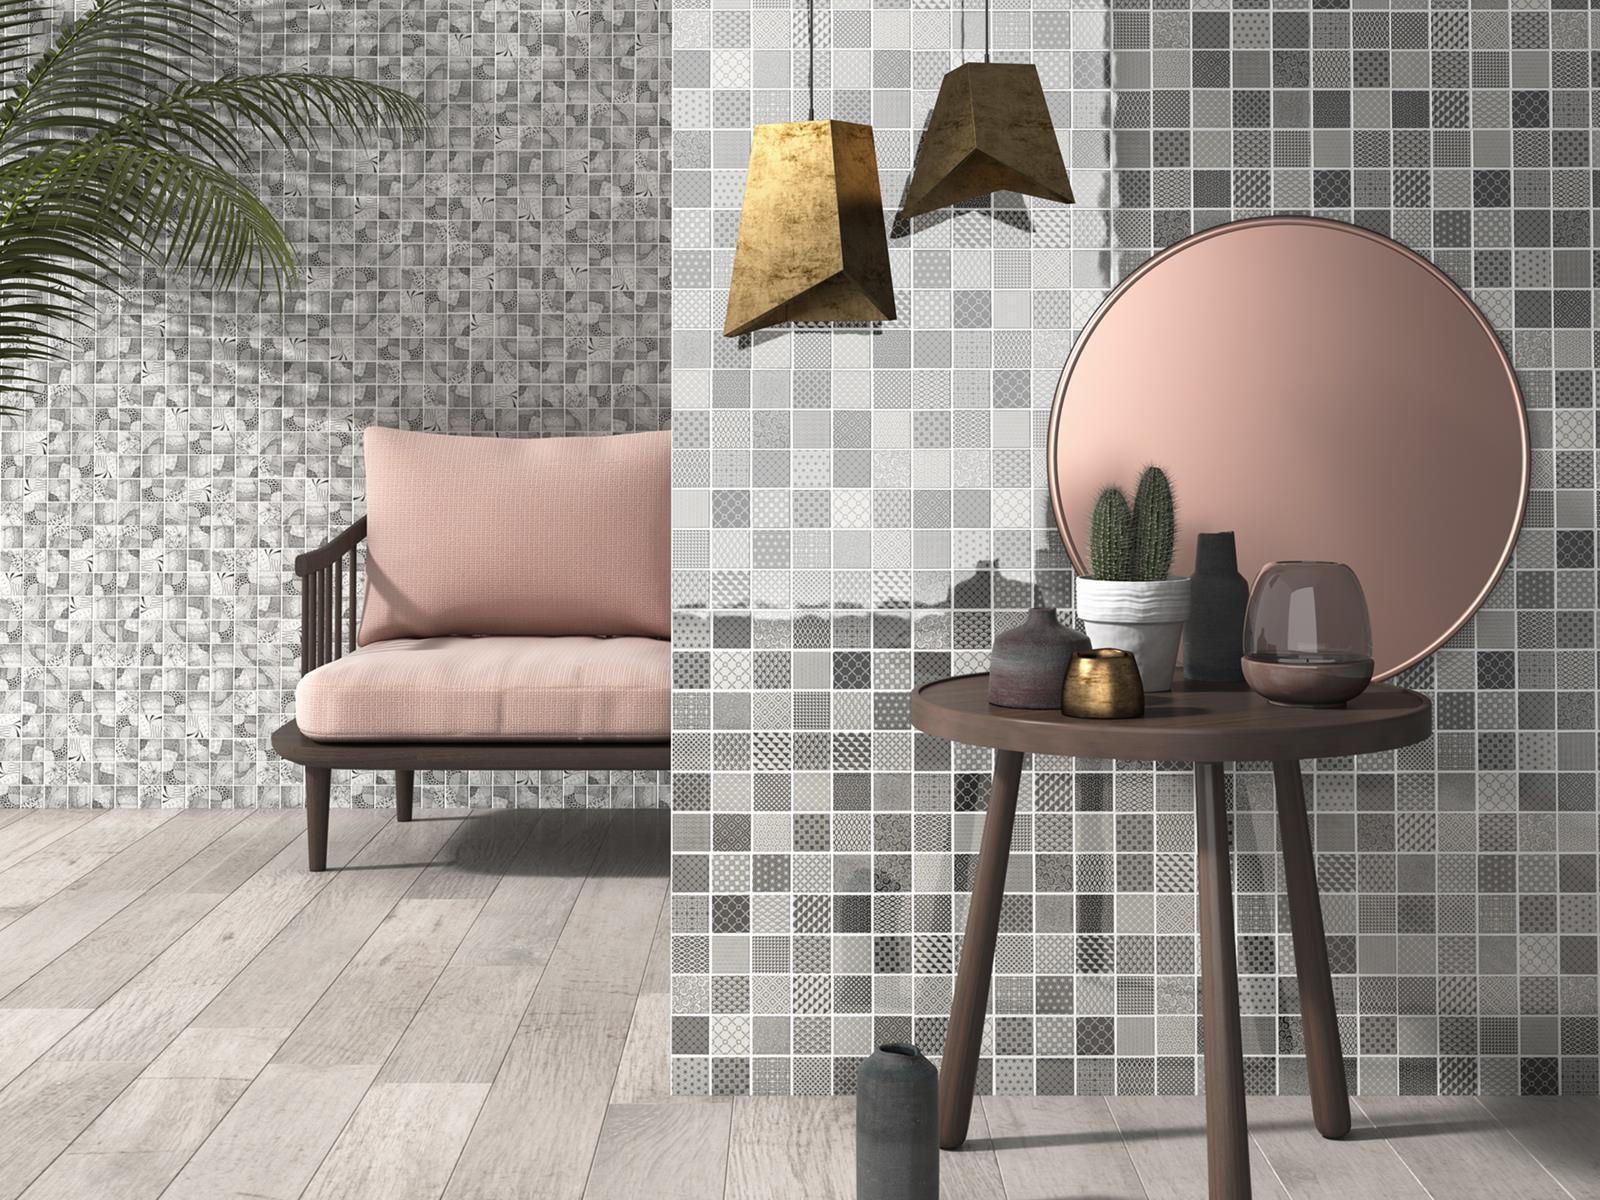 render-3d-de-mosaico-ceramico-para-revestimiento